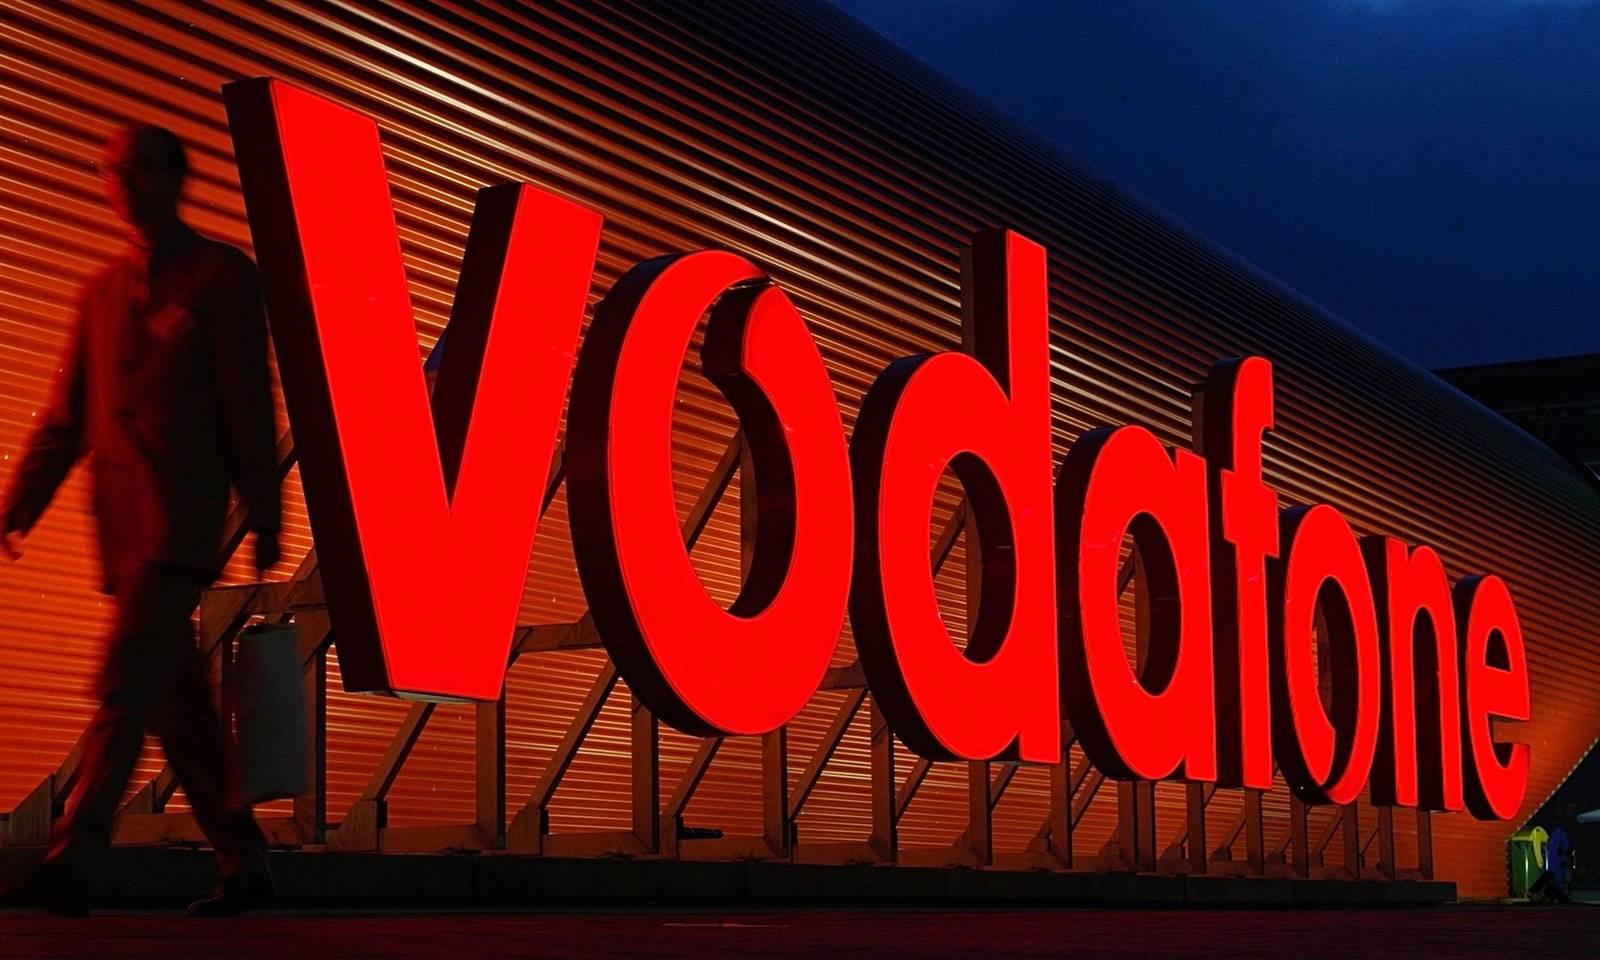 Vodafone. 1 August cu Promotii Excelente pentru Telefoanele Mobile din Romania